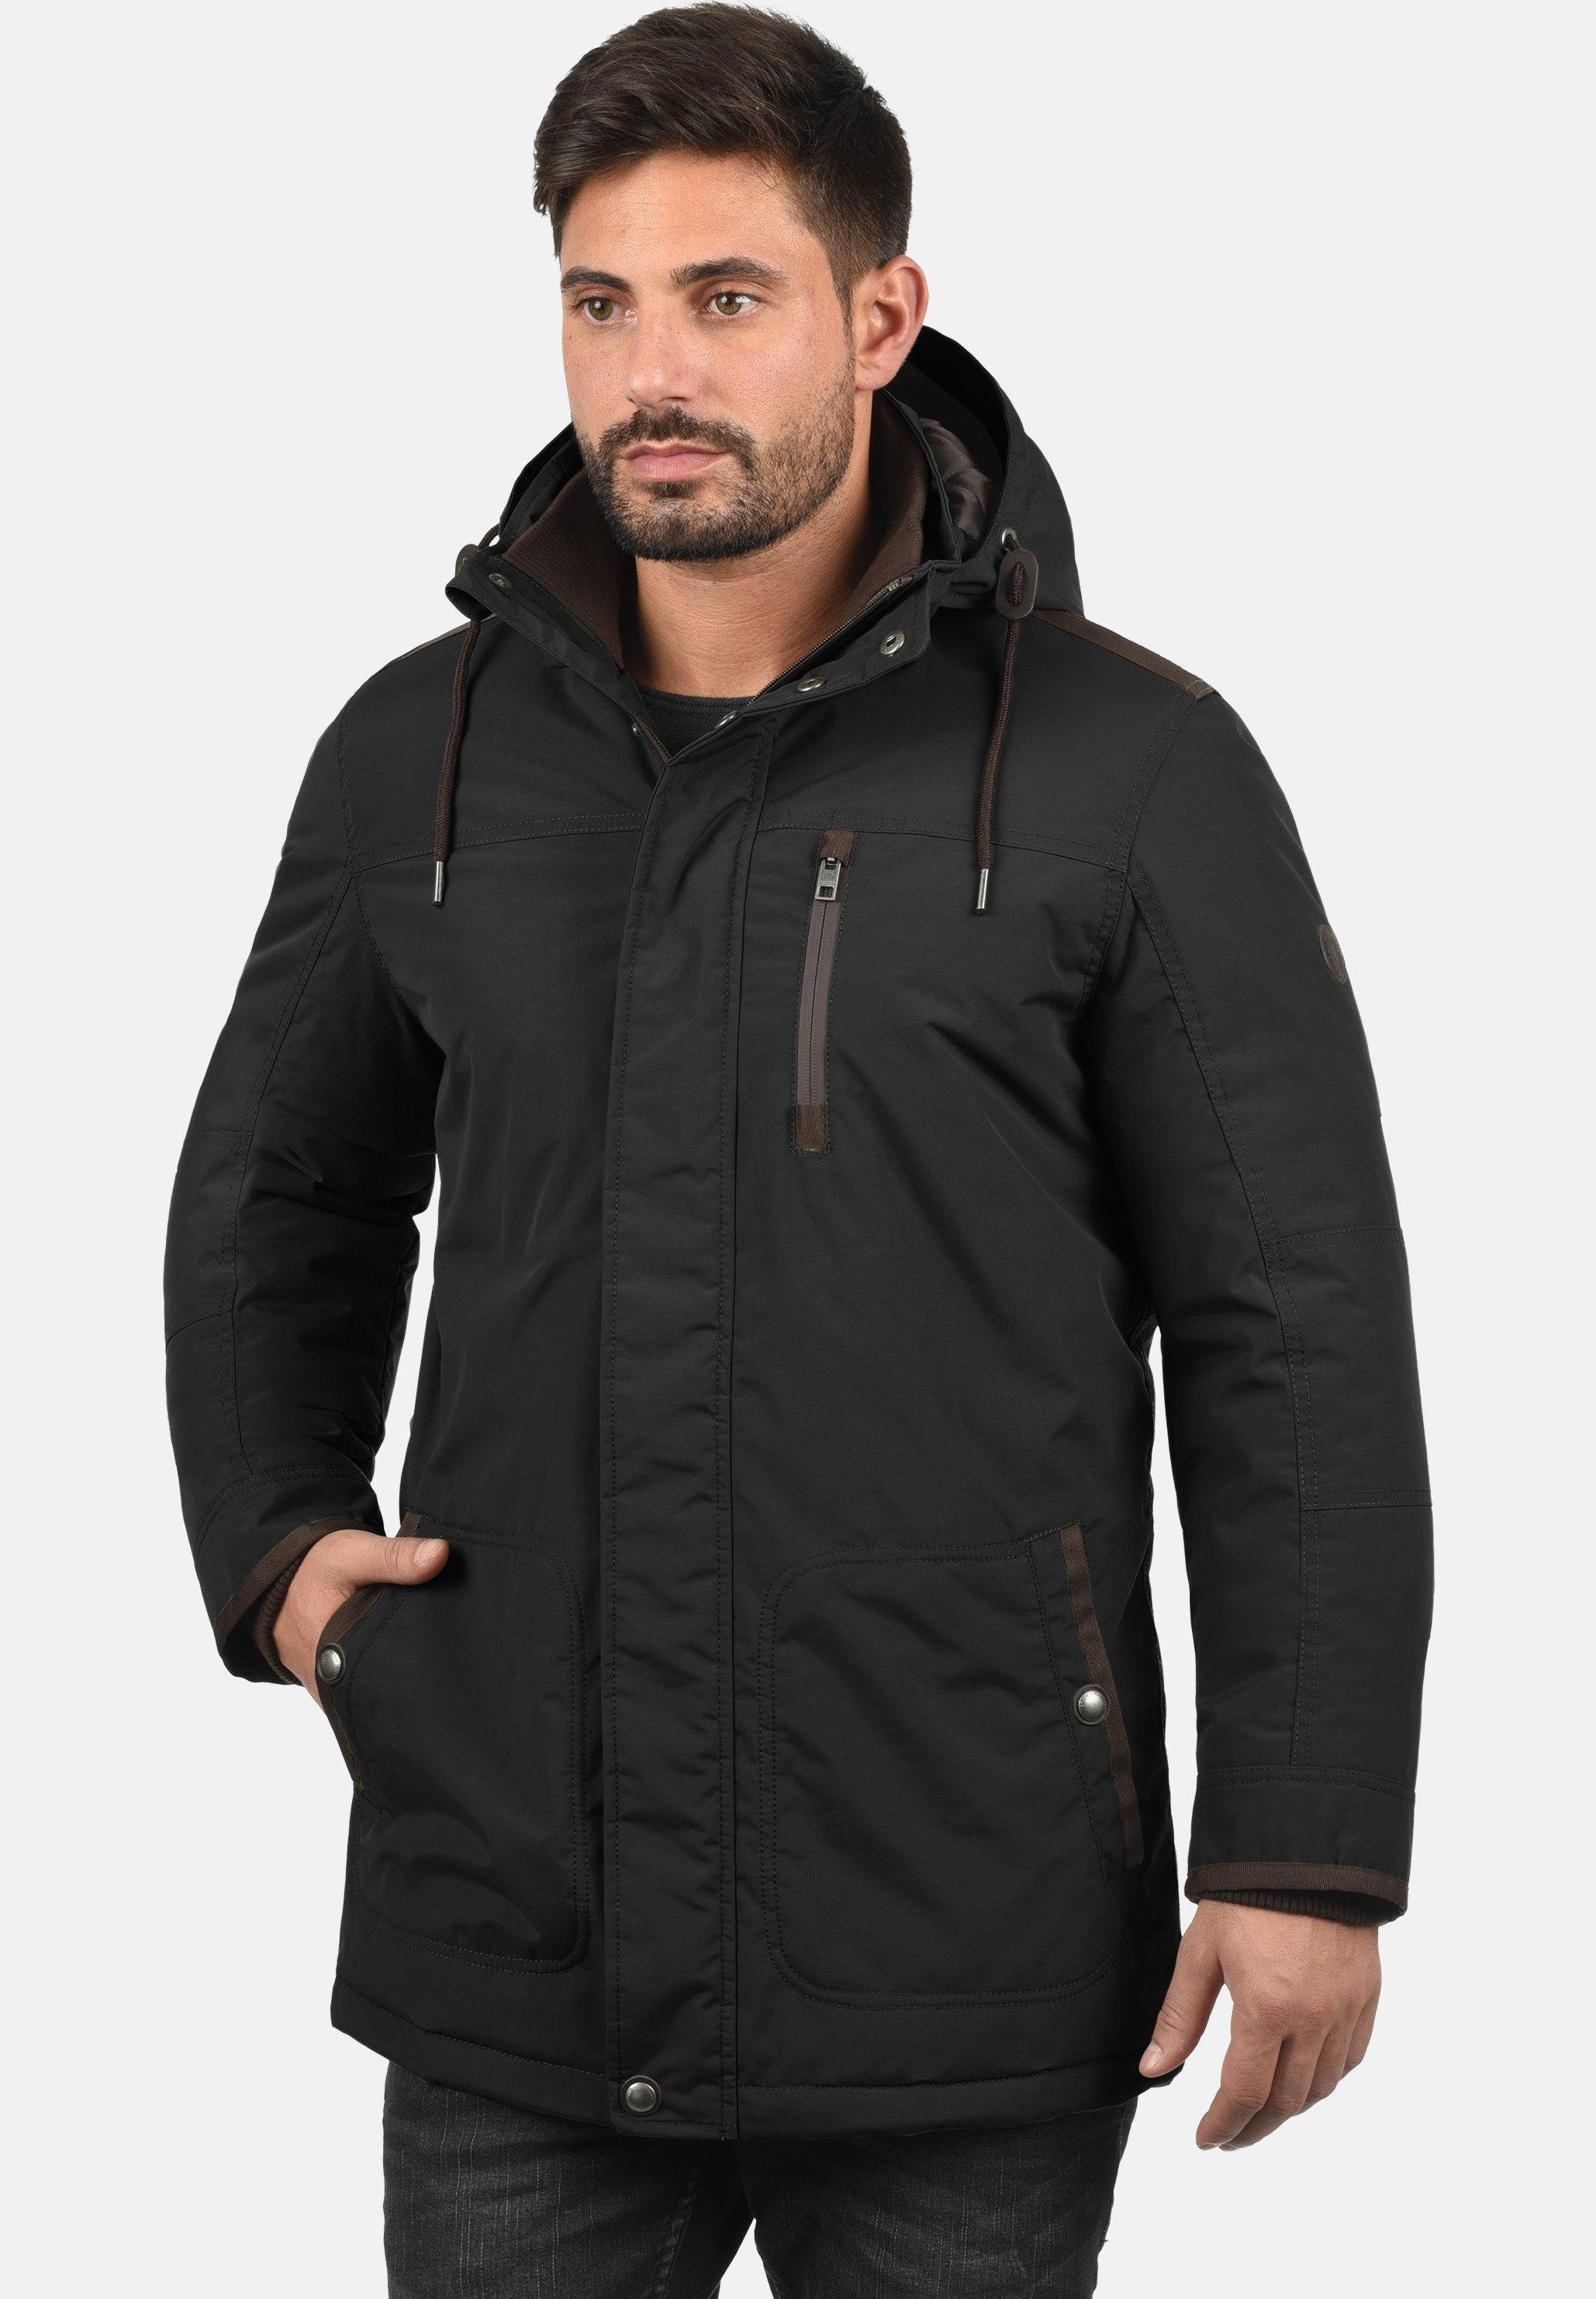 Winterjacken für Herren jetzt online kaufen| ZALANDO